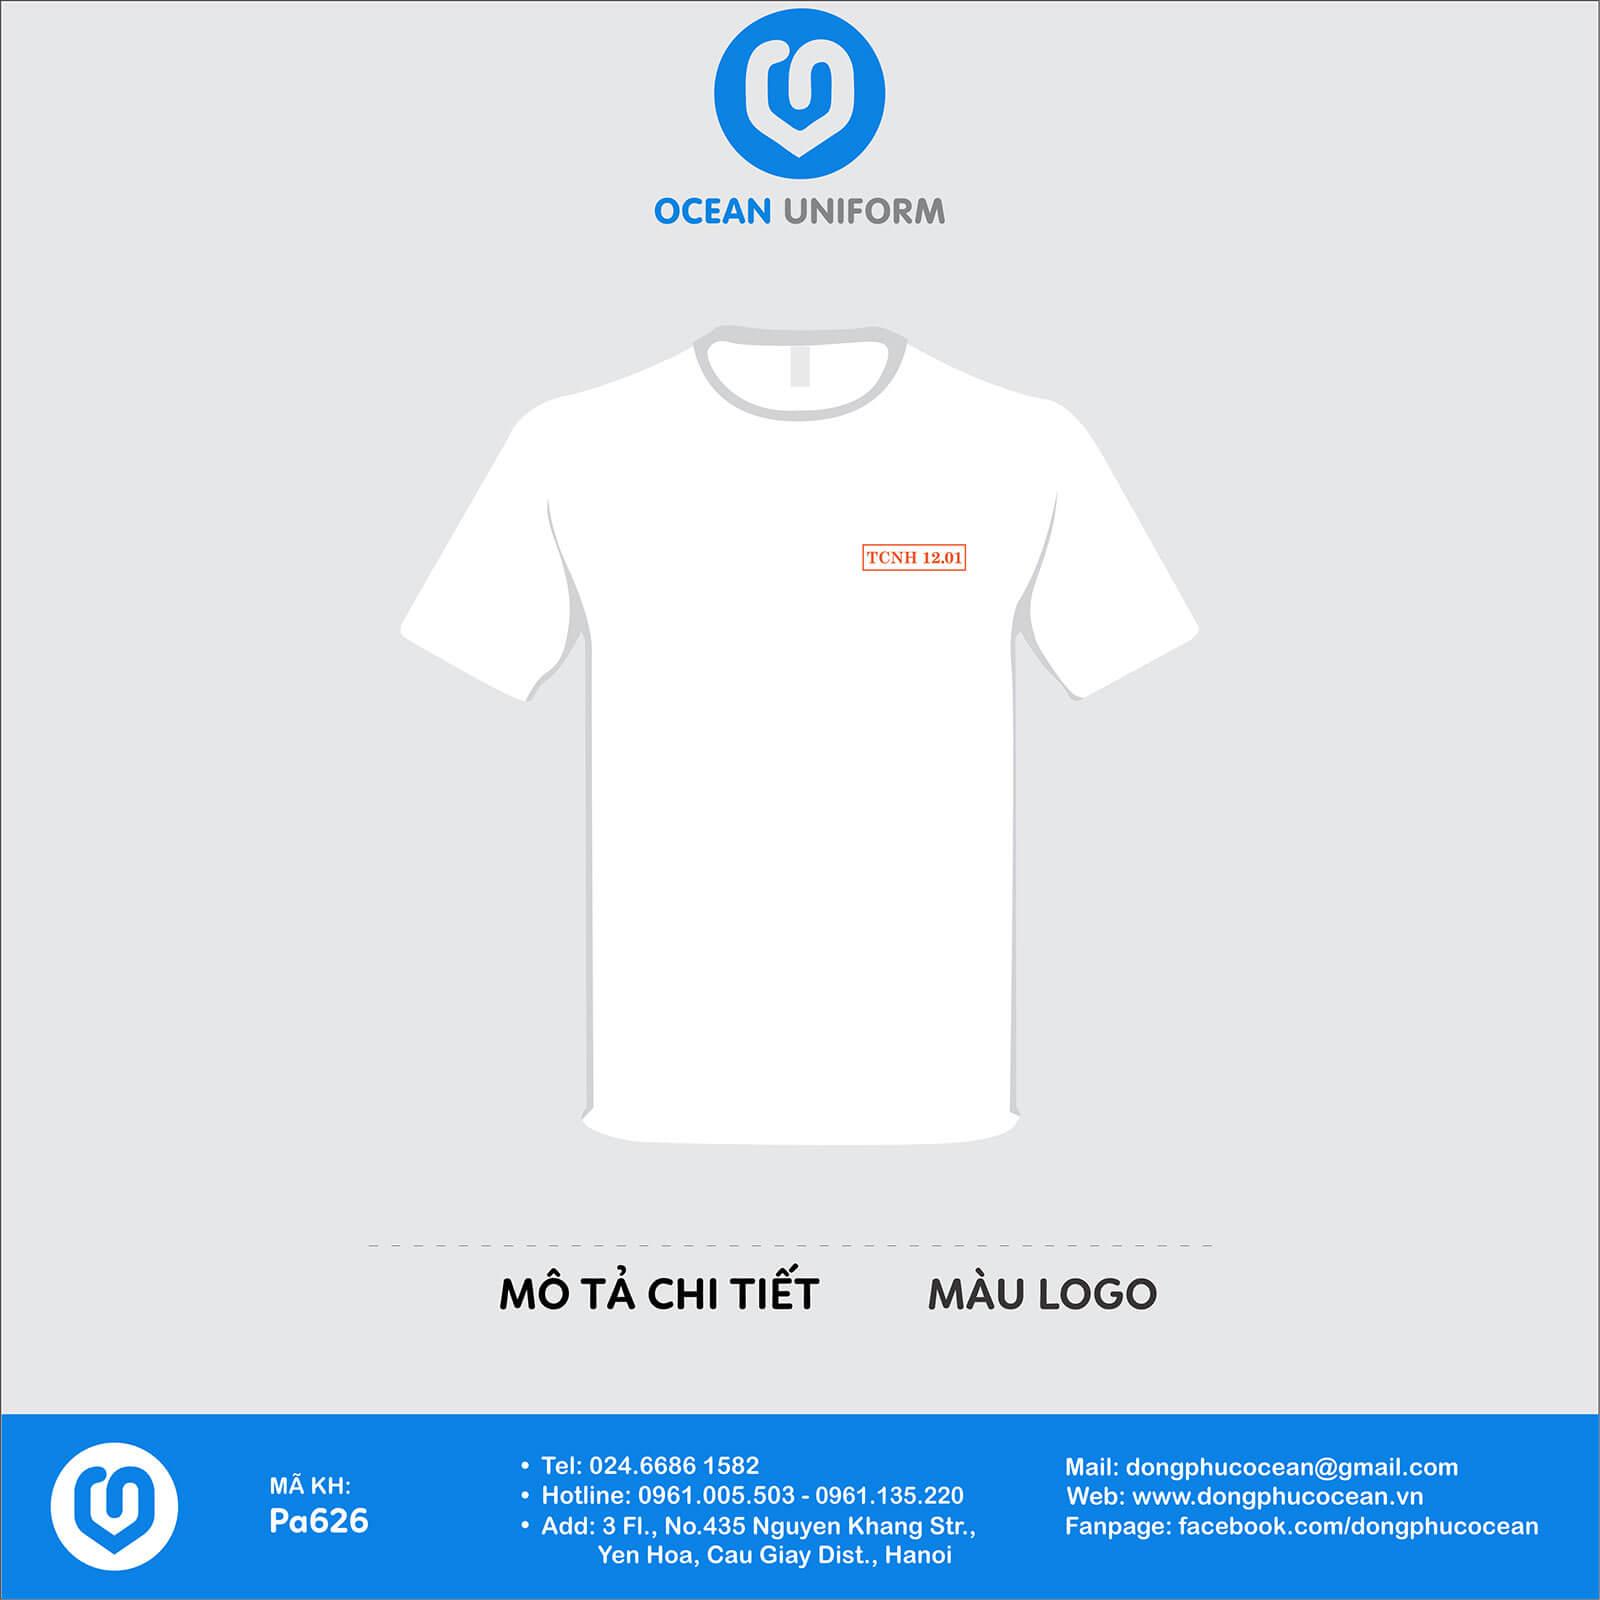 Áo đồng phục lớp cổ tròn TCNH 12.01 màu trắng